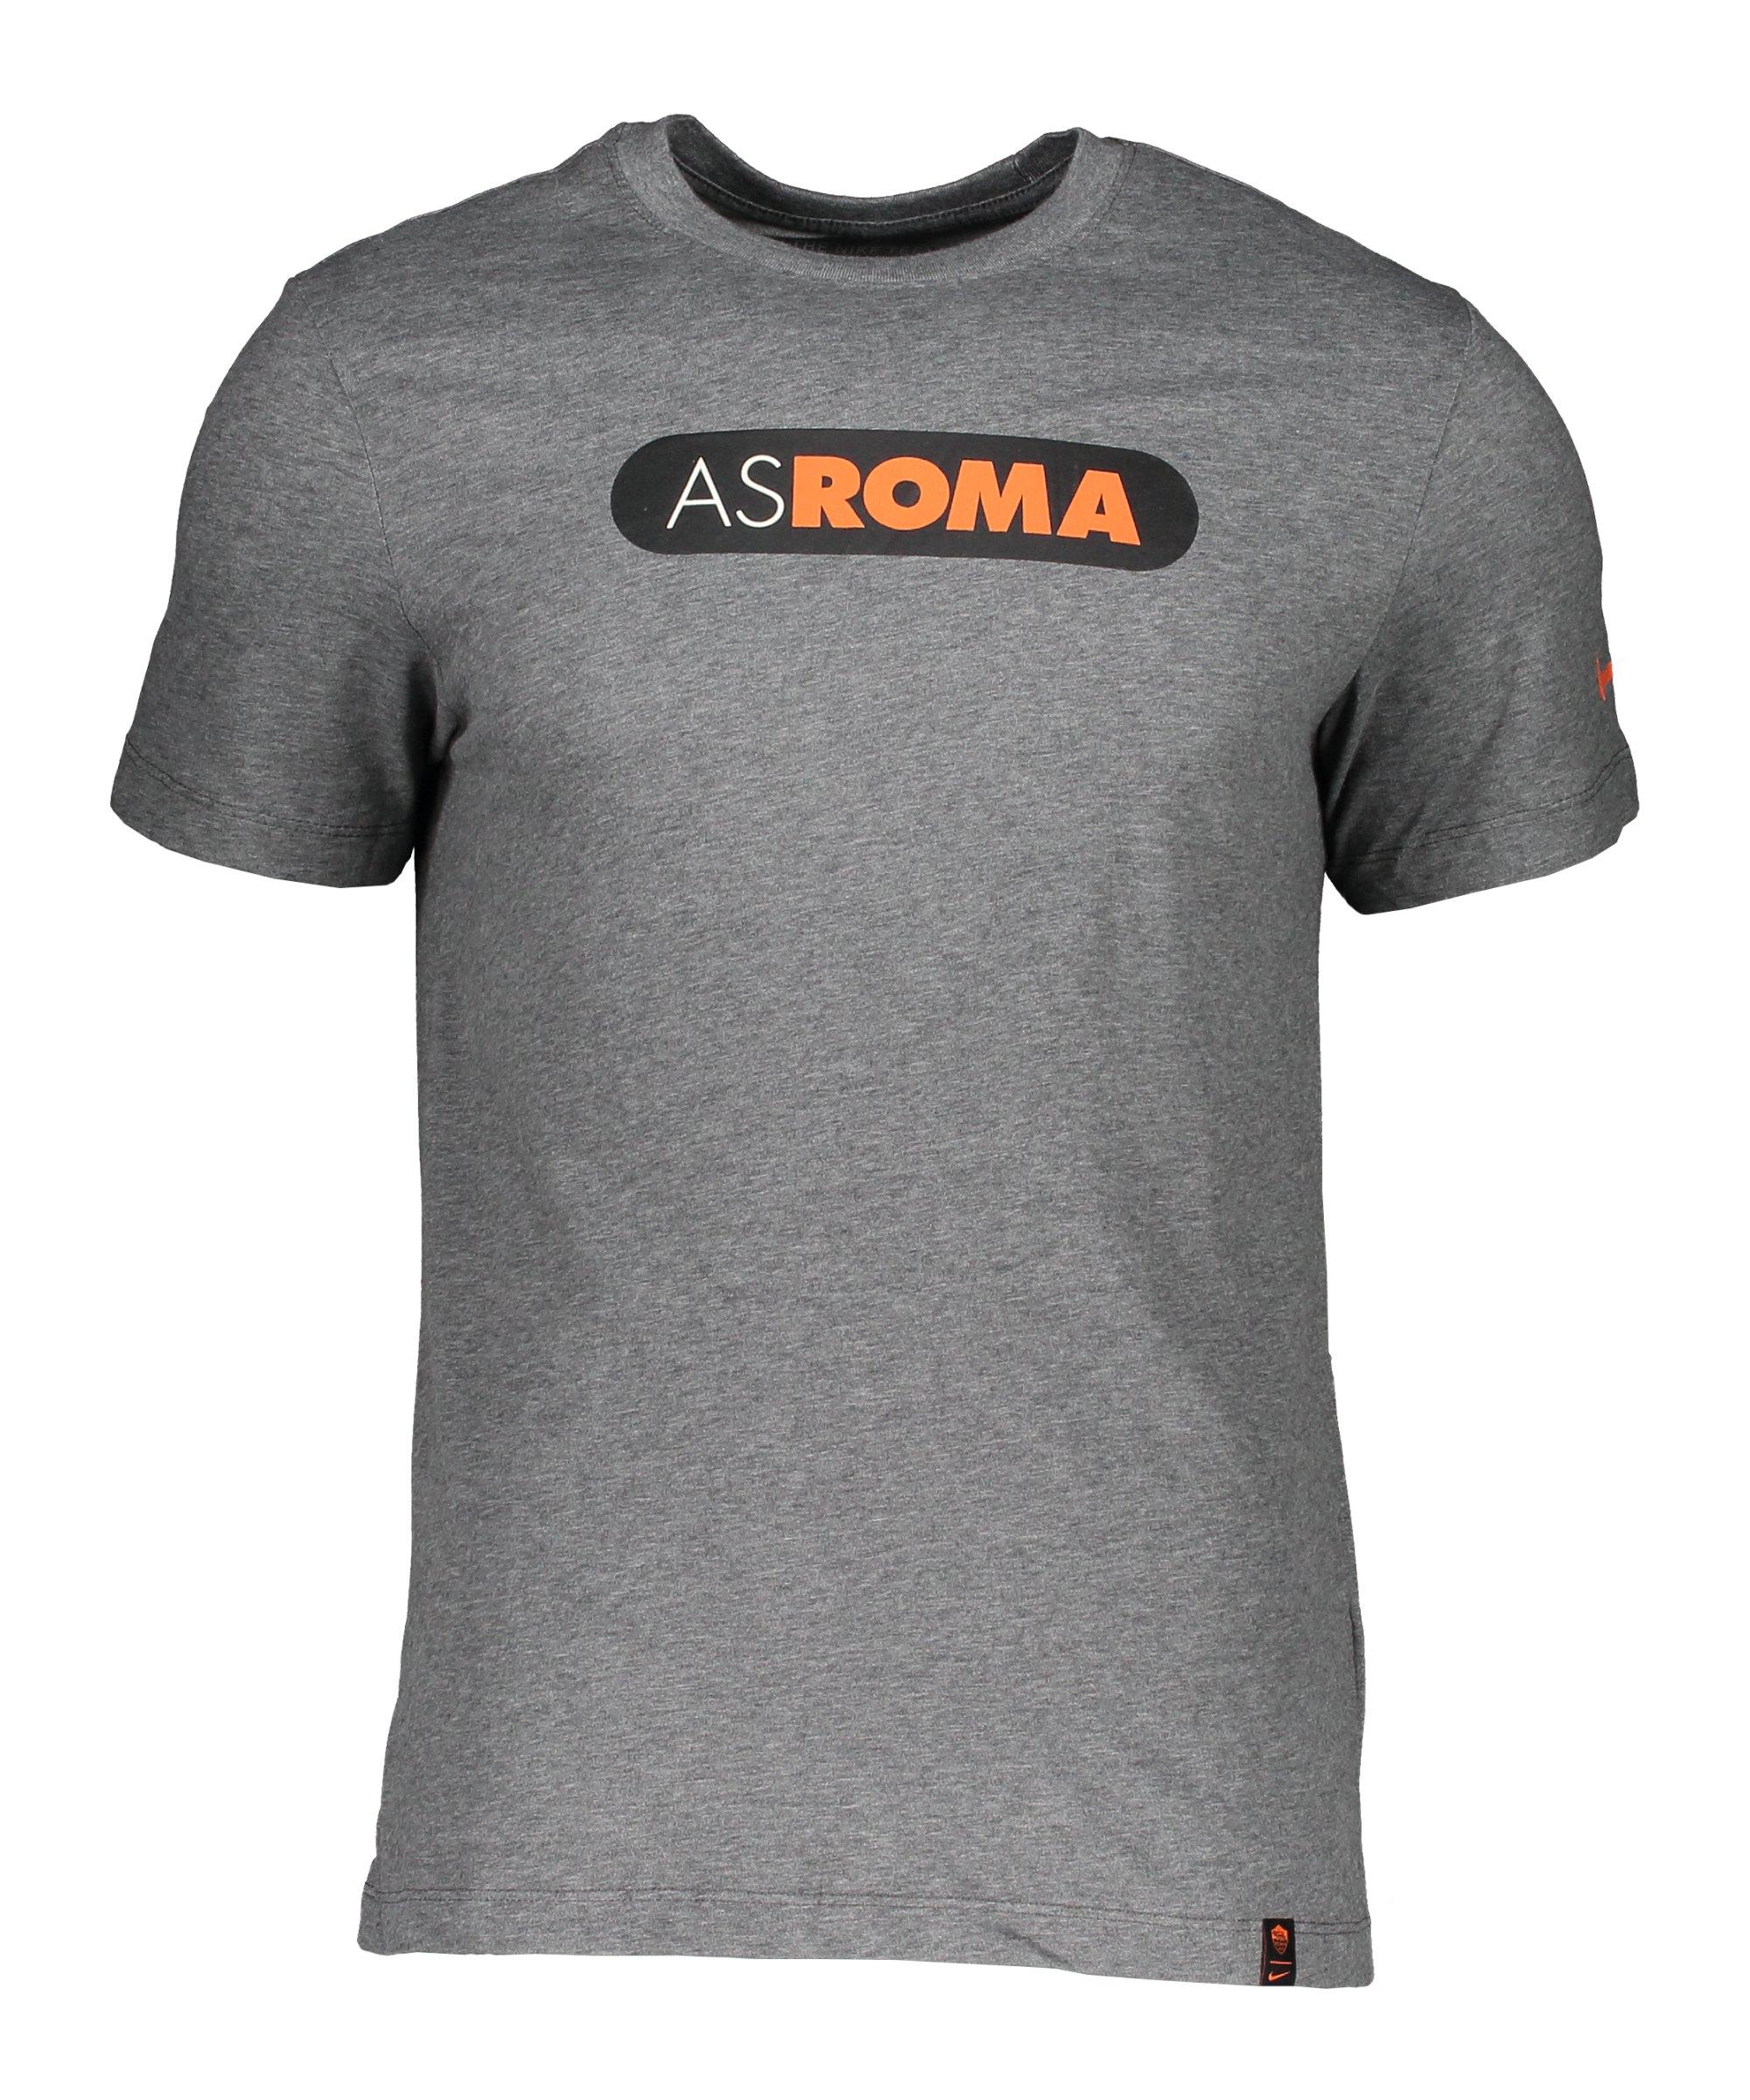 Nike AS Rom Ground T-Shirt Grau F071 - grau